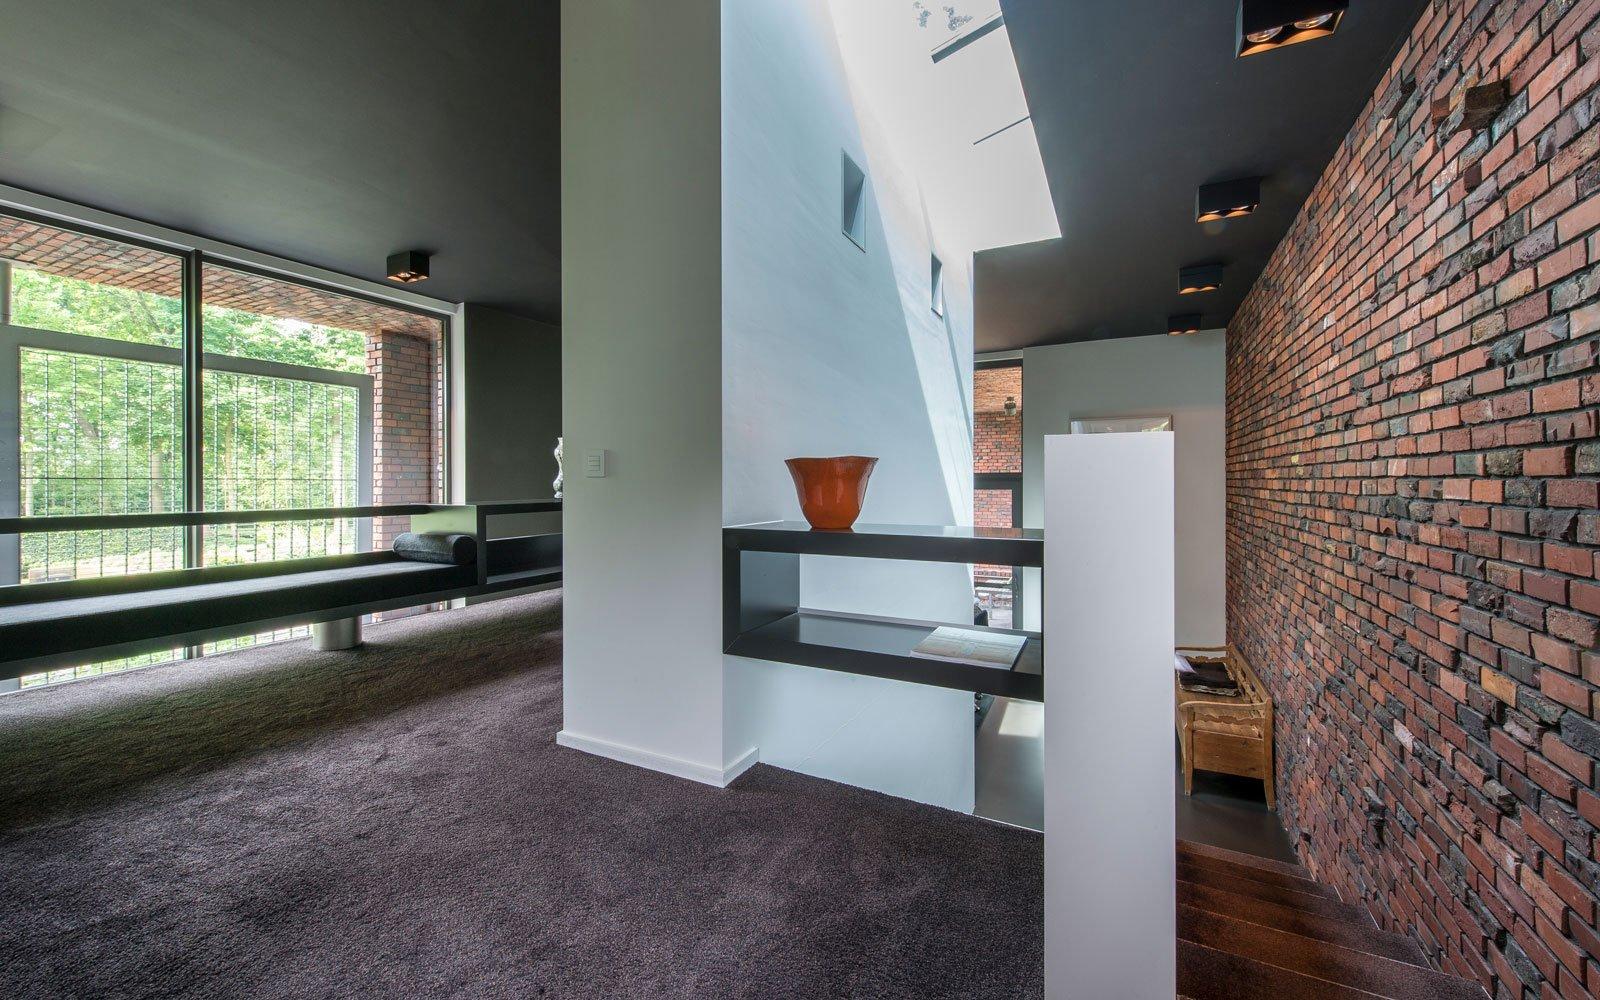 Bovenverdieping, overloop, tapijt van HV interieur, bakstenen van Steenbakkerij Membruggen uit Riemst, BVV Architecten, Hedendaagse villa